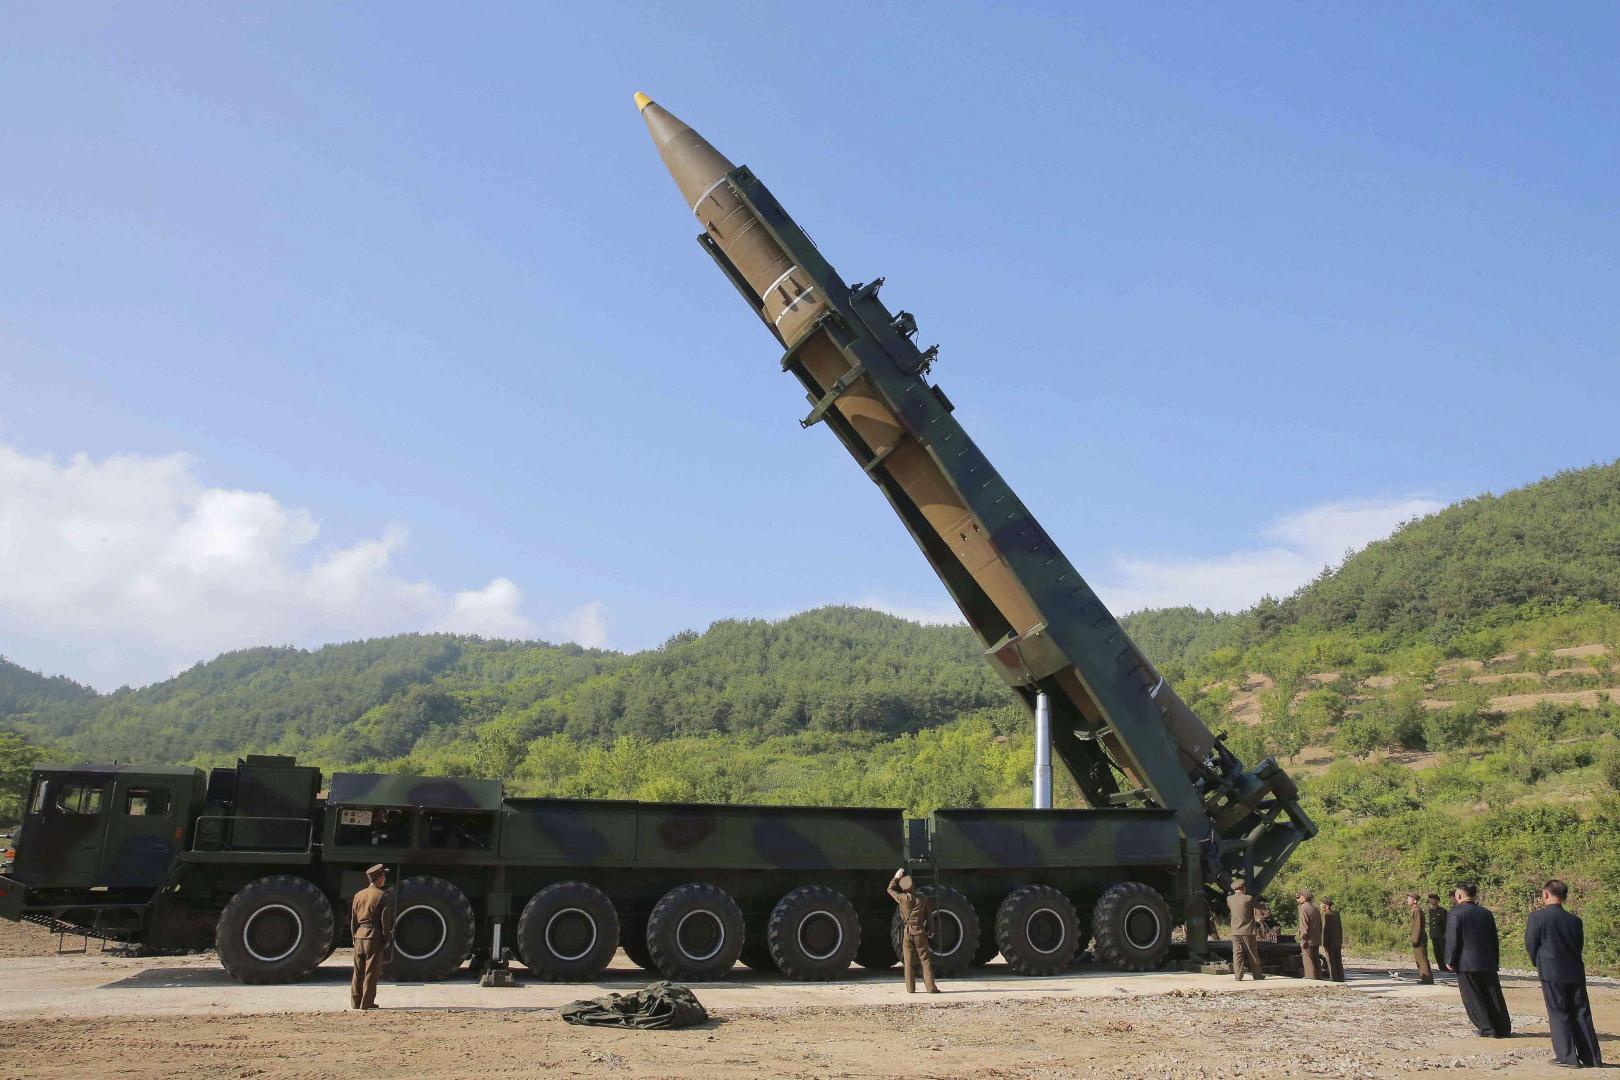 Corea del Norte encabeza las preocupaciones de seguridad de los estadounidenses: sondeo – Telemundo